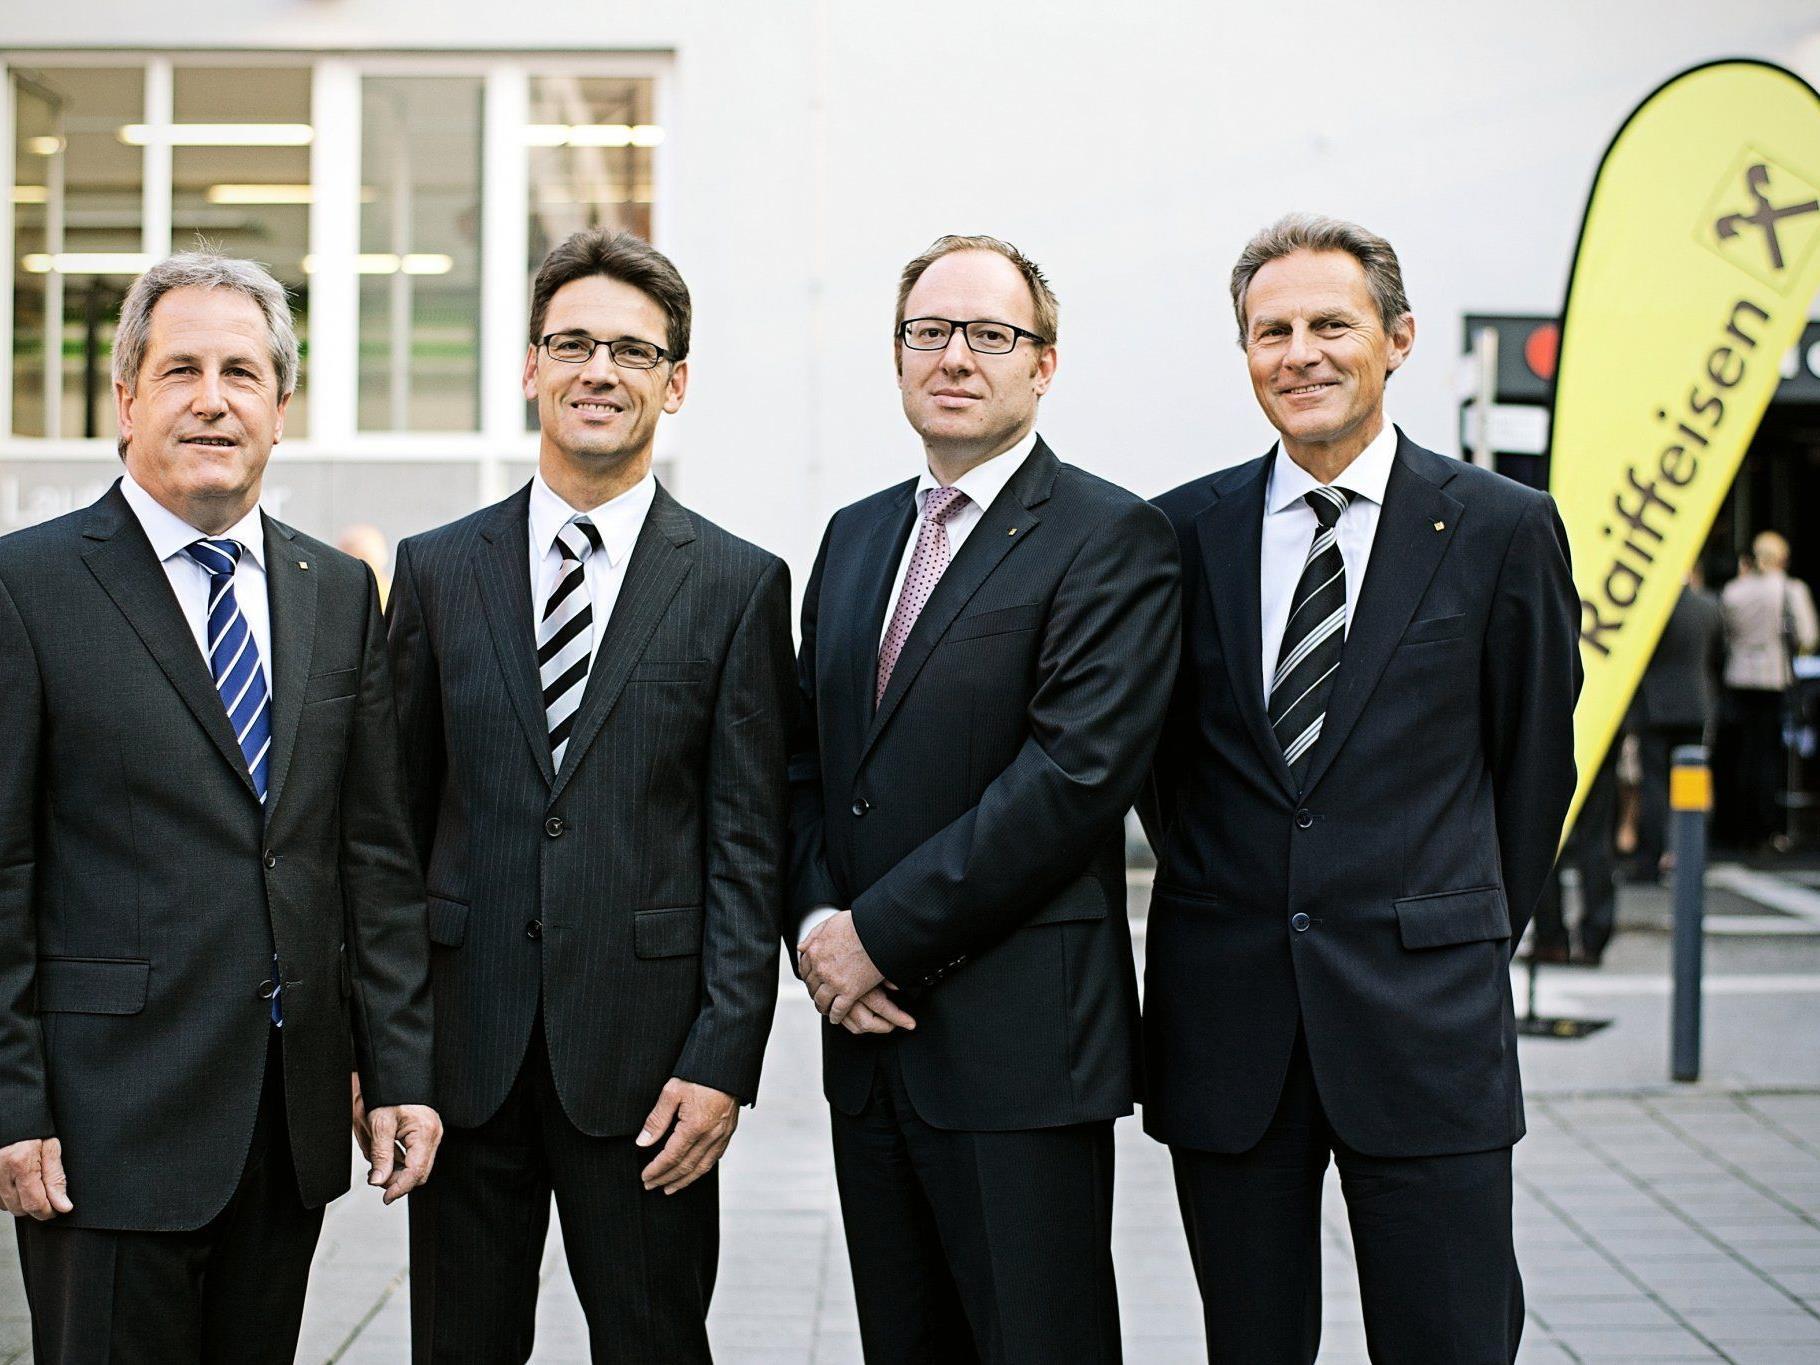 Die Raiffeisenbank Dornbirn lud zur Generalhauptversammlung 2012 - i.B. von li. nach re. Anton Rein, Dr. Wilfried Amann, Dr. Gernot Erne und Dr. Wolfgang Zumtobel.